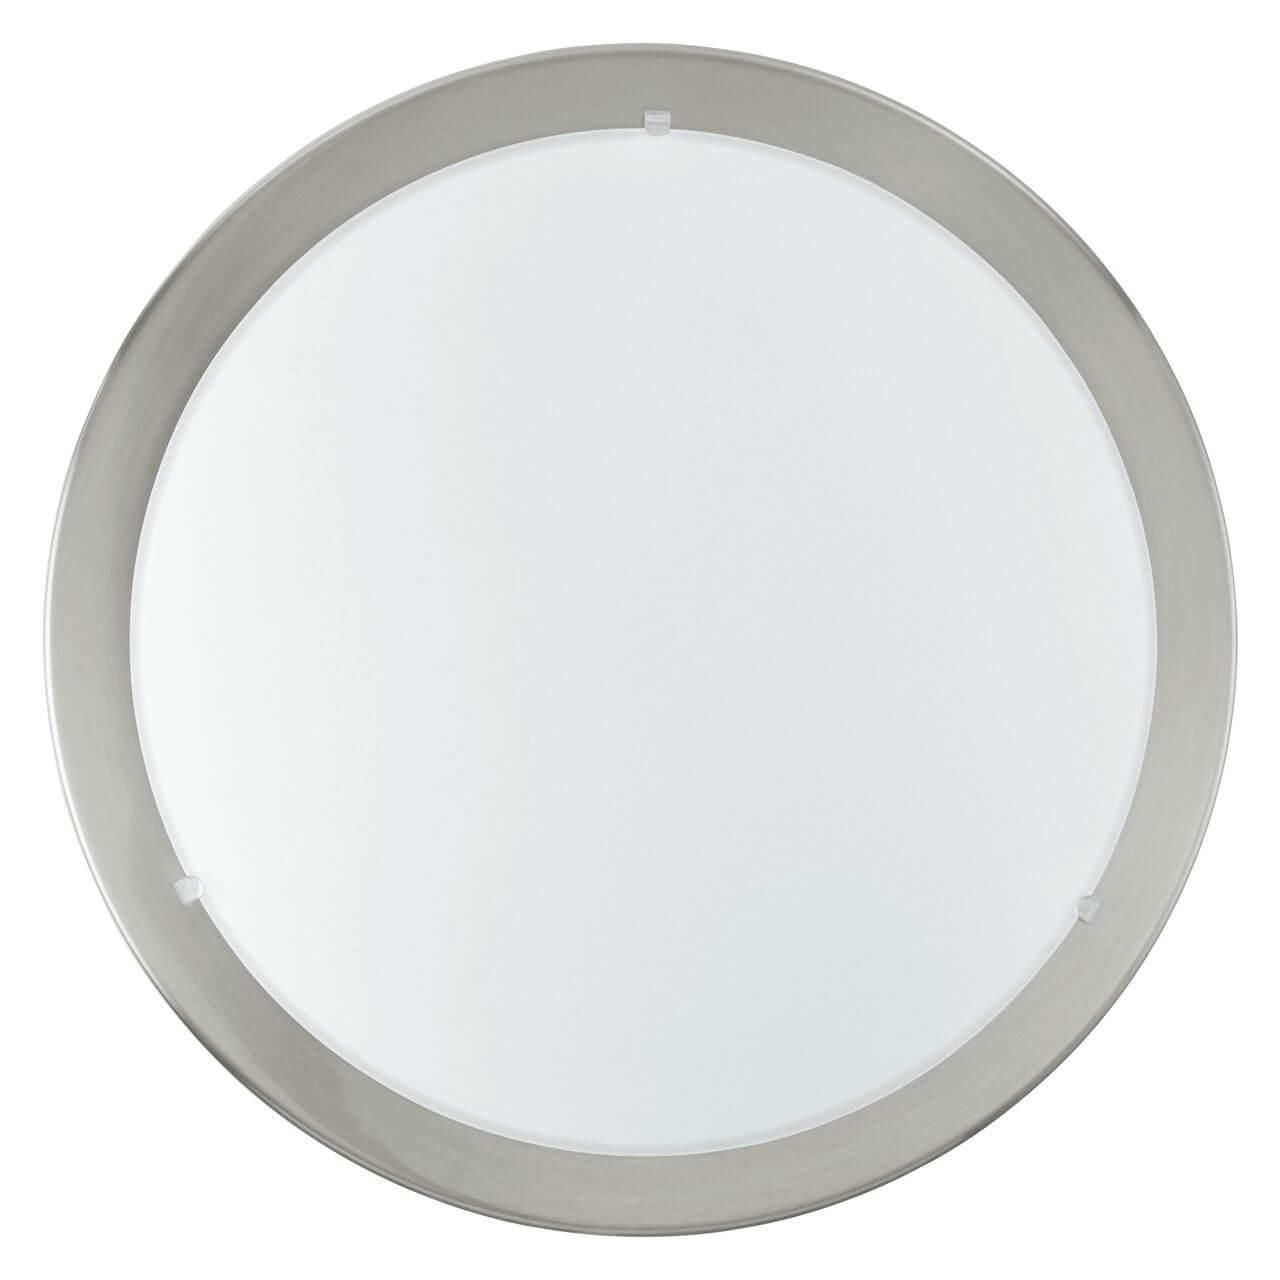 Потолочный светильник Eglo Planet 82942 цена